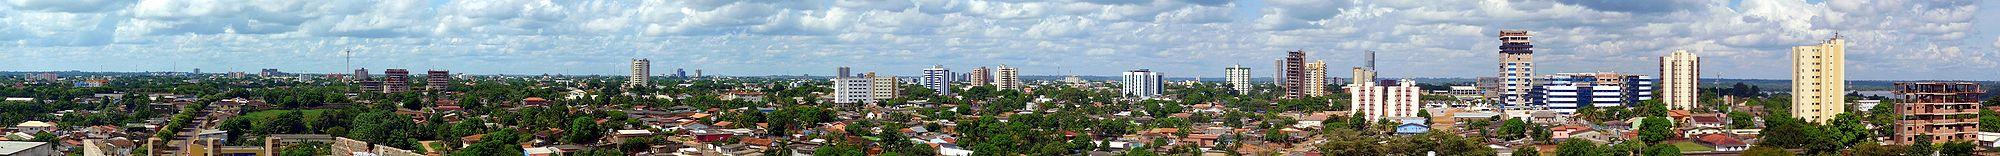 Vista Panorâmica de Porto Velho a partir do bairro Pedrinhas, em maio de 2010.